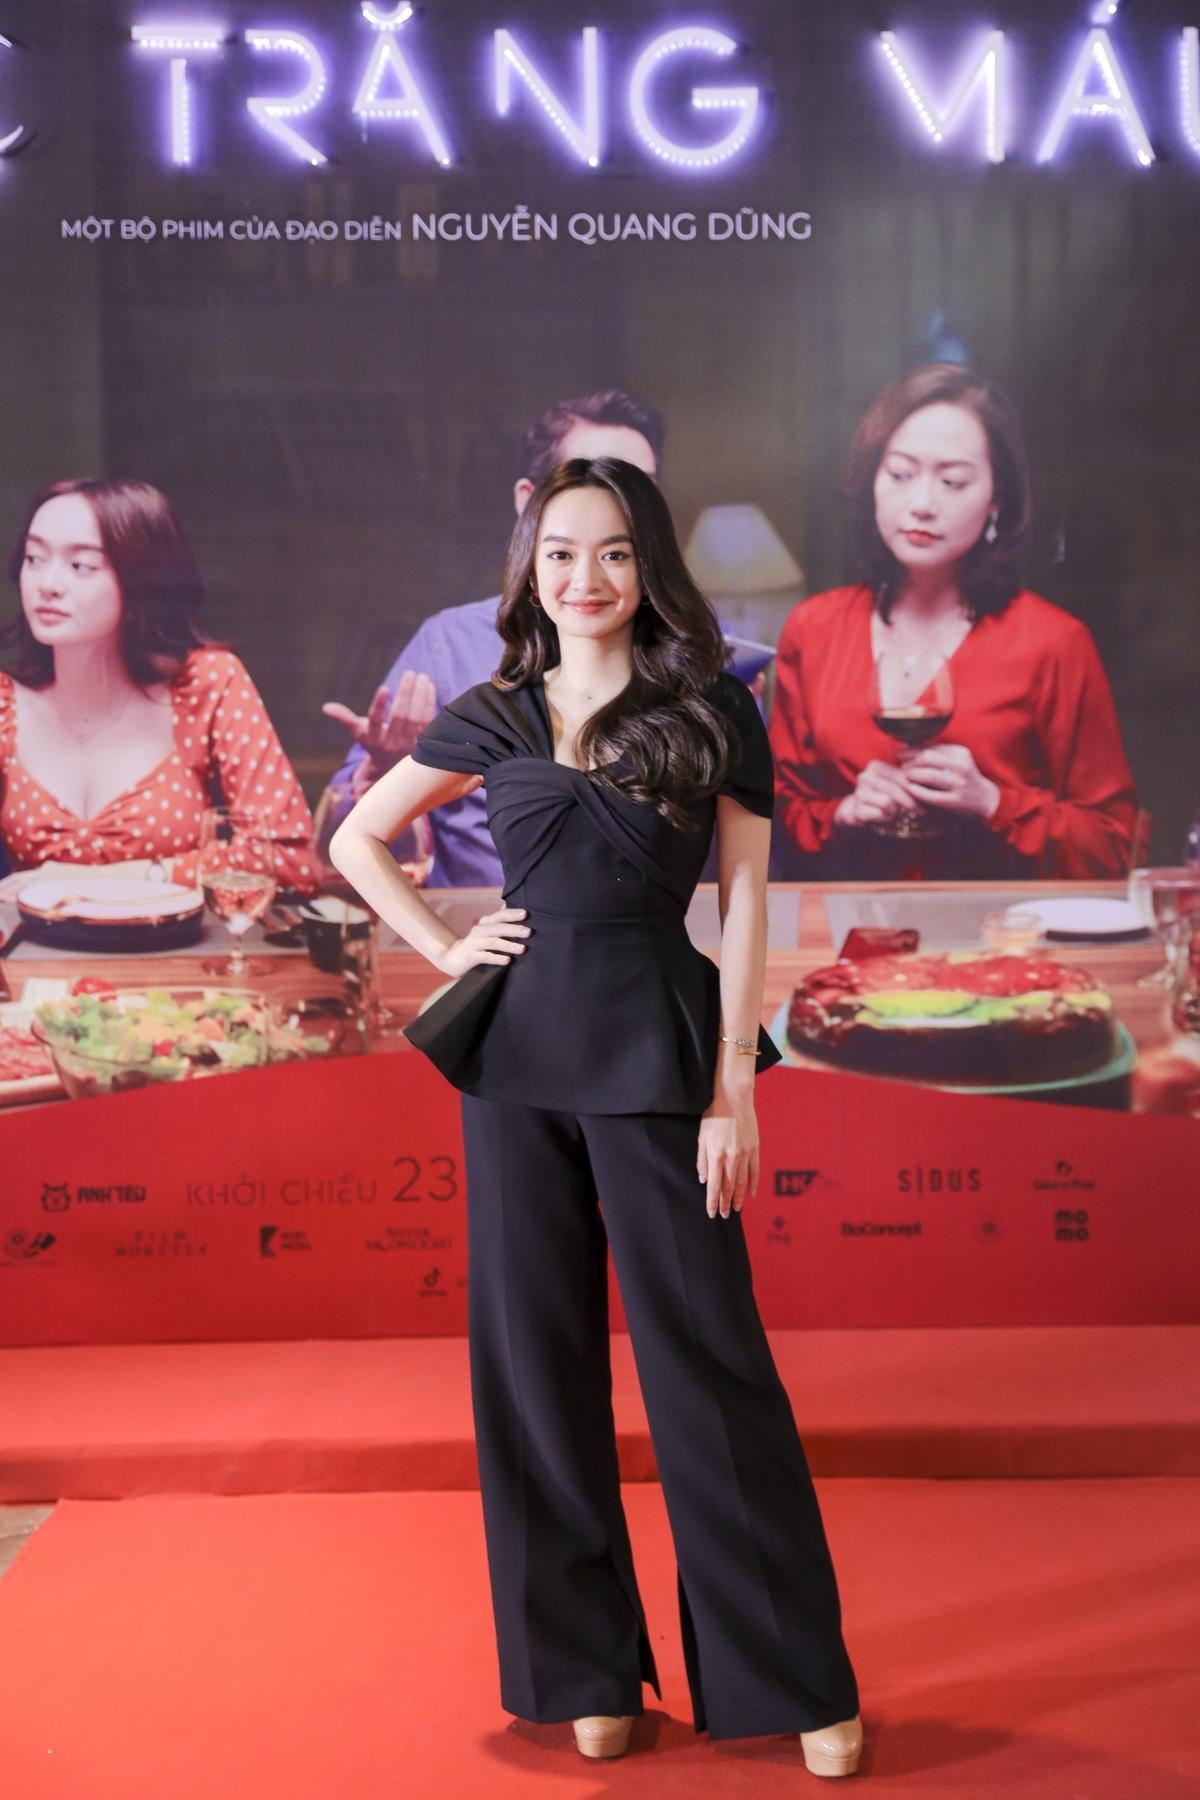 Kaity Nguyễn là một trong những gương mặt nữ diễn viên trẻ tài năng, đầy triển vọng của điện ảnh Việt.